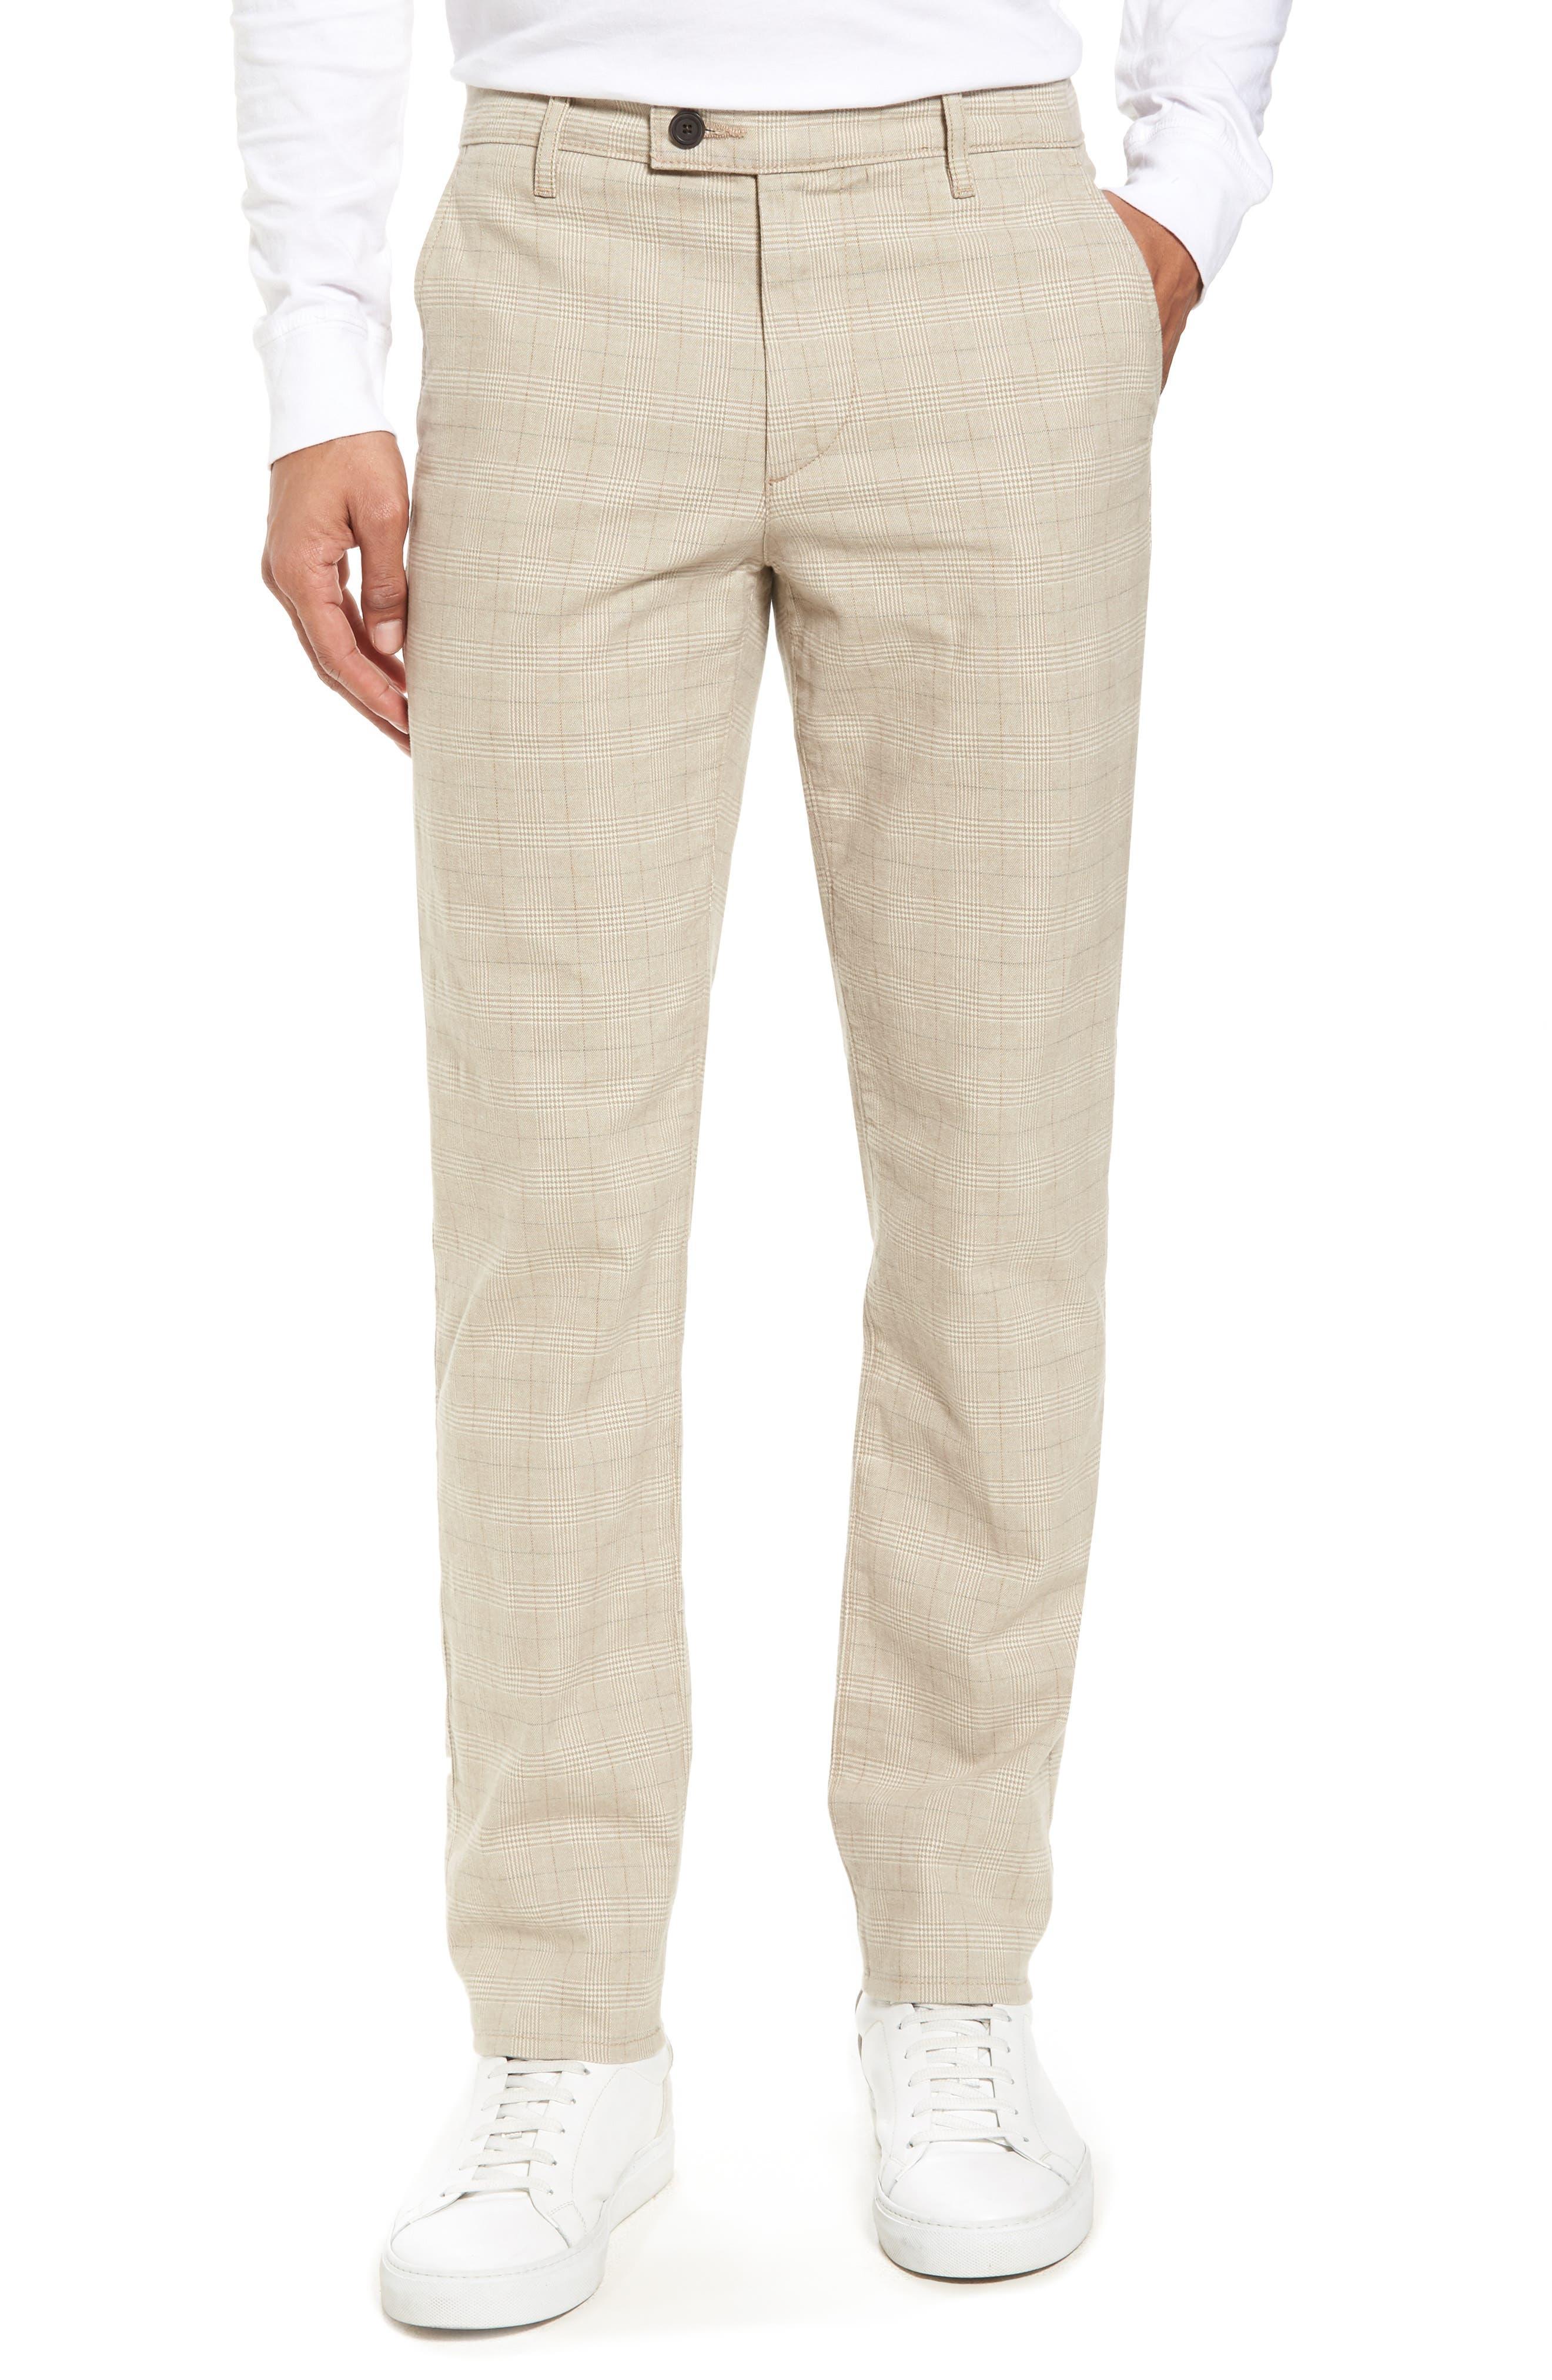 Marshall Slim Fit Pants,                         Main,                         color, Silica Sand